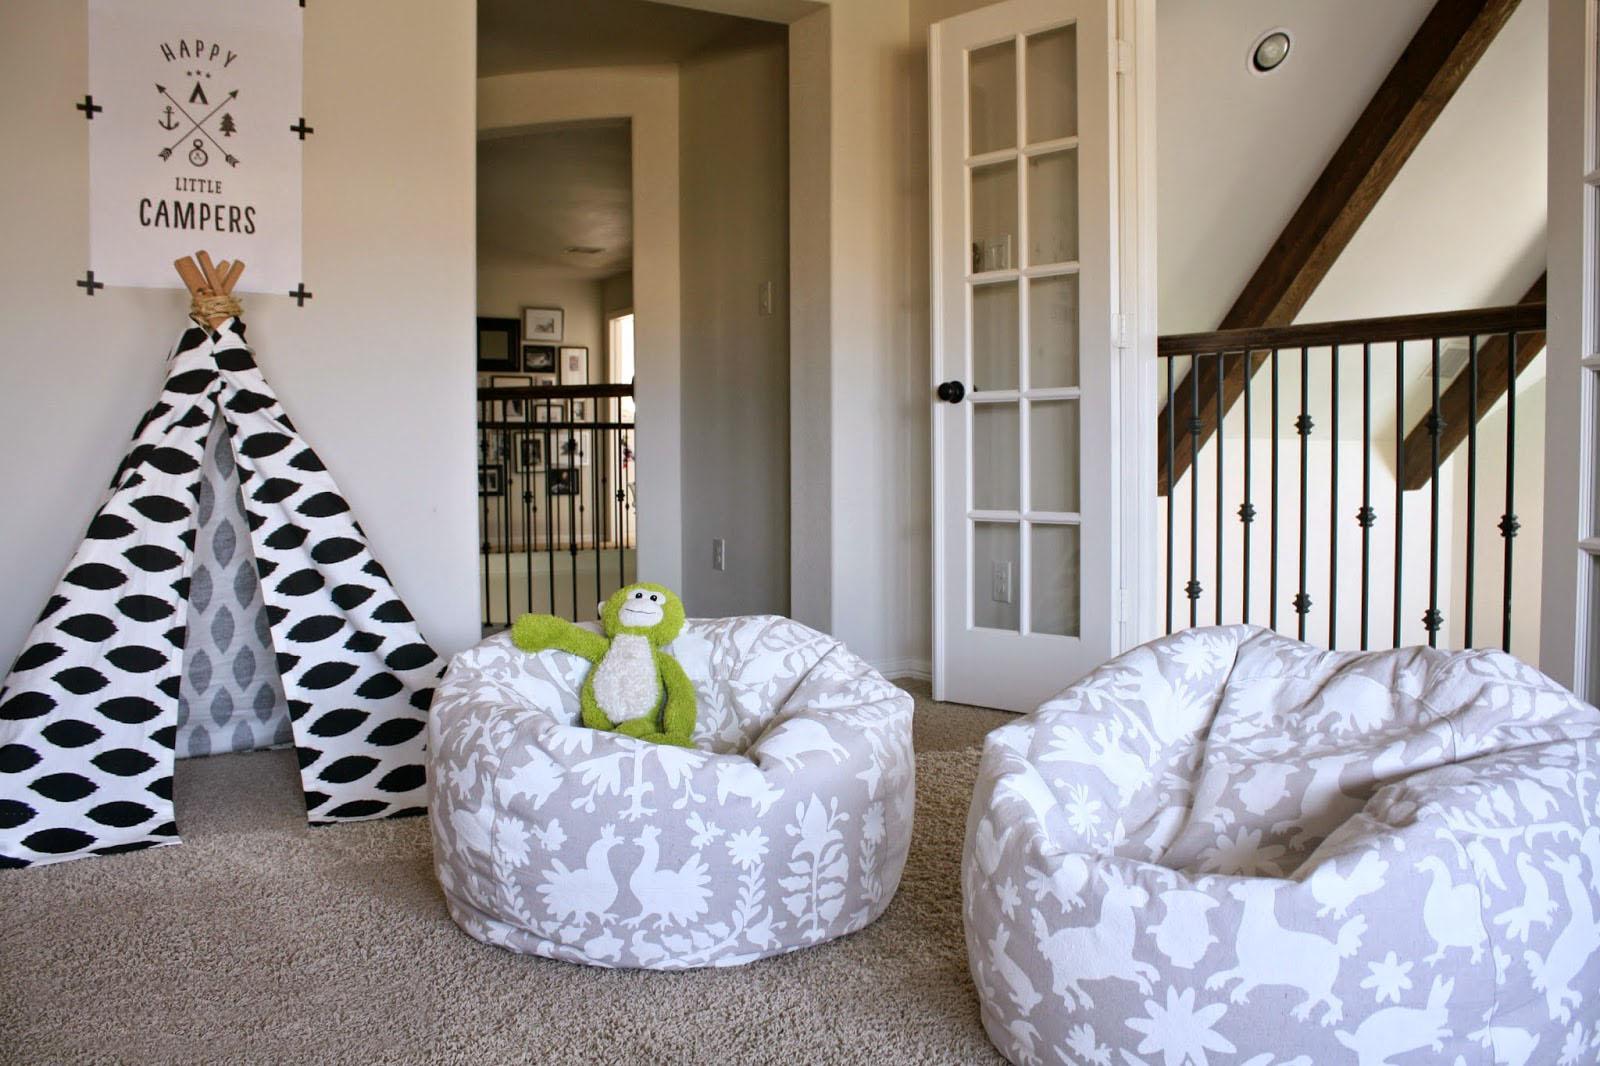 Также кресло мешок в интерьере может быть в виде мяча или шайб